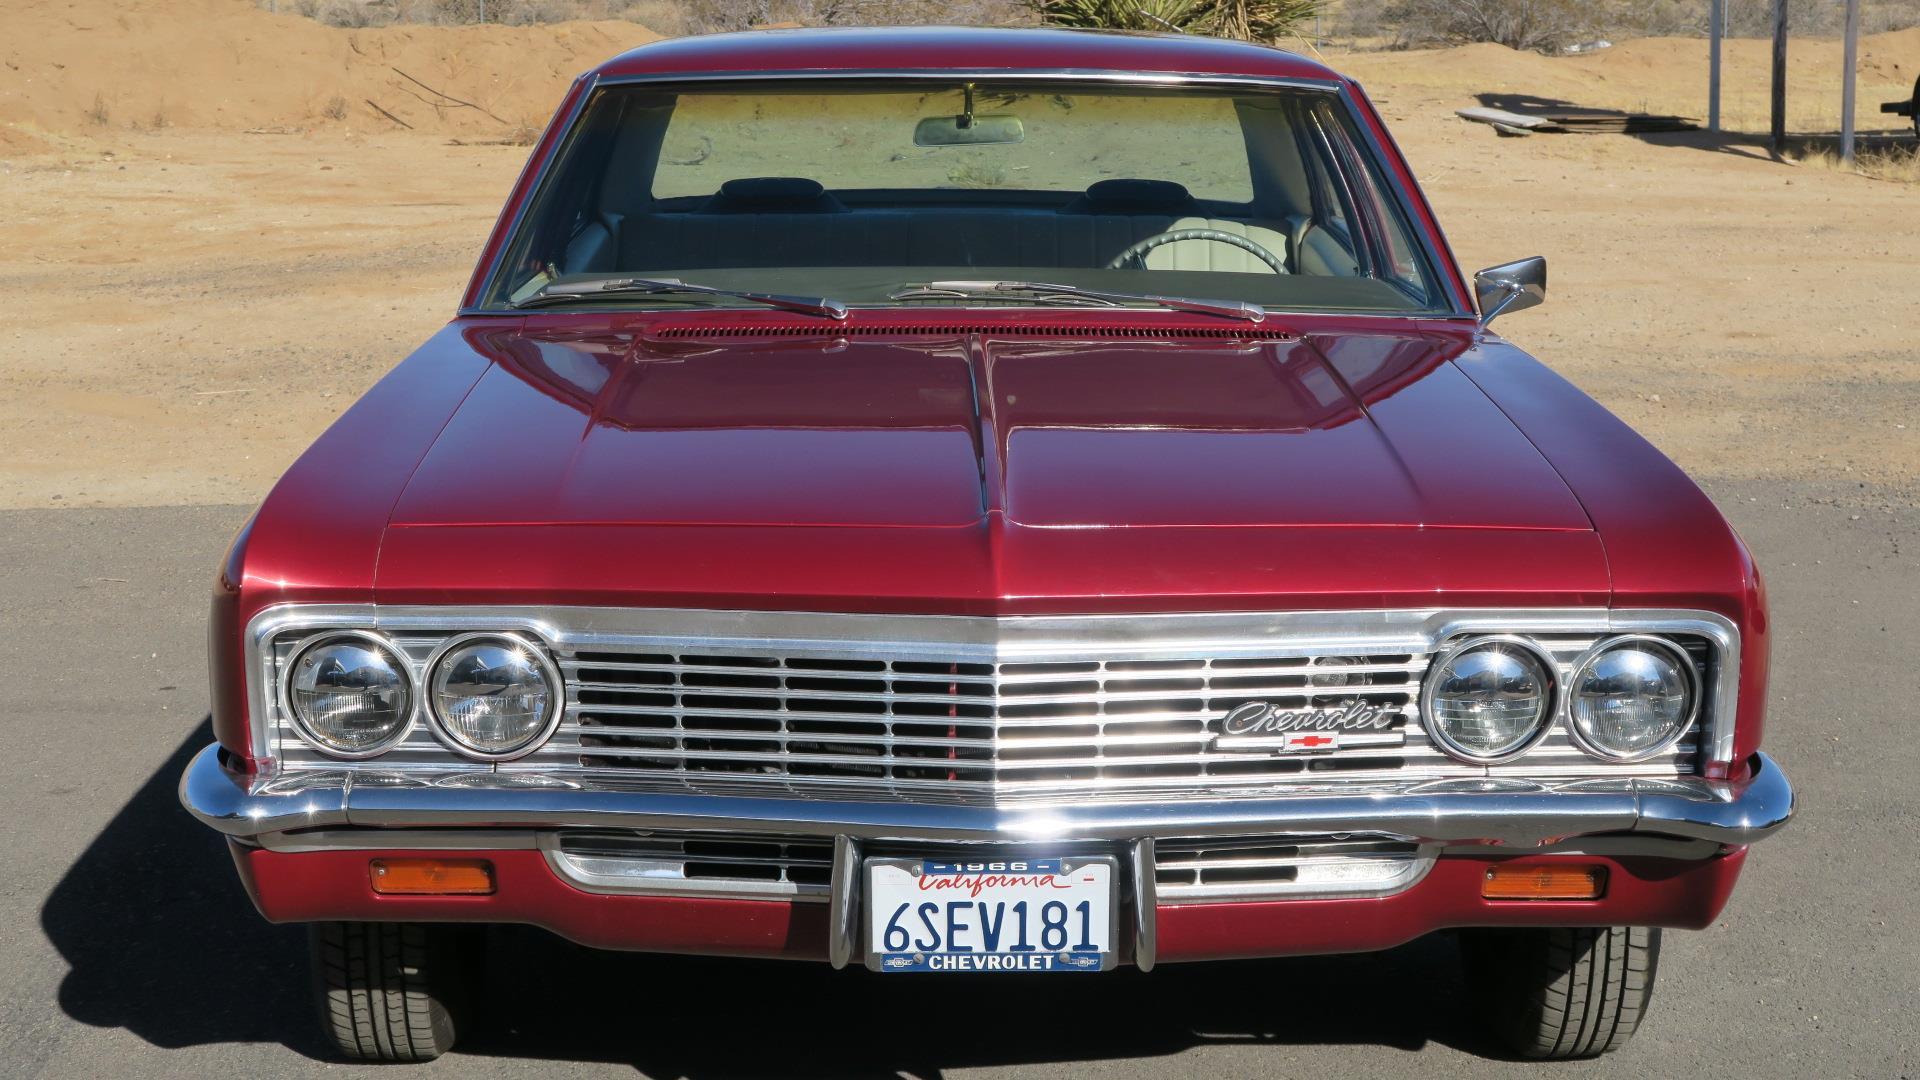 1966 Chevrolet Impala Sedan Ca Car 350 V8 Only 3200 Miles On Full Chevy Frame Restoration